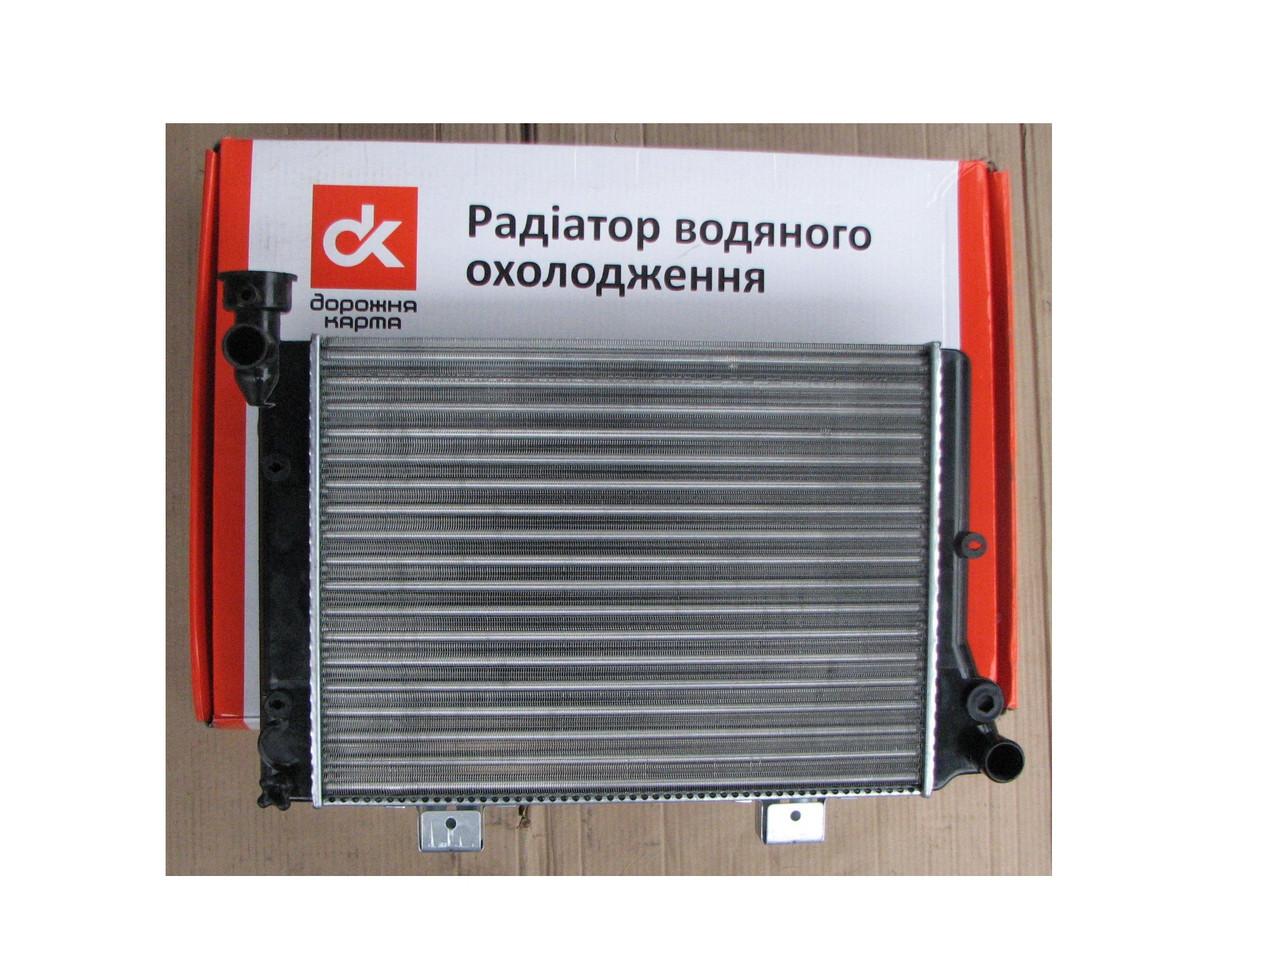 Радіатор охолодження (2106) ДК